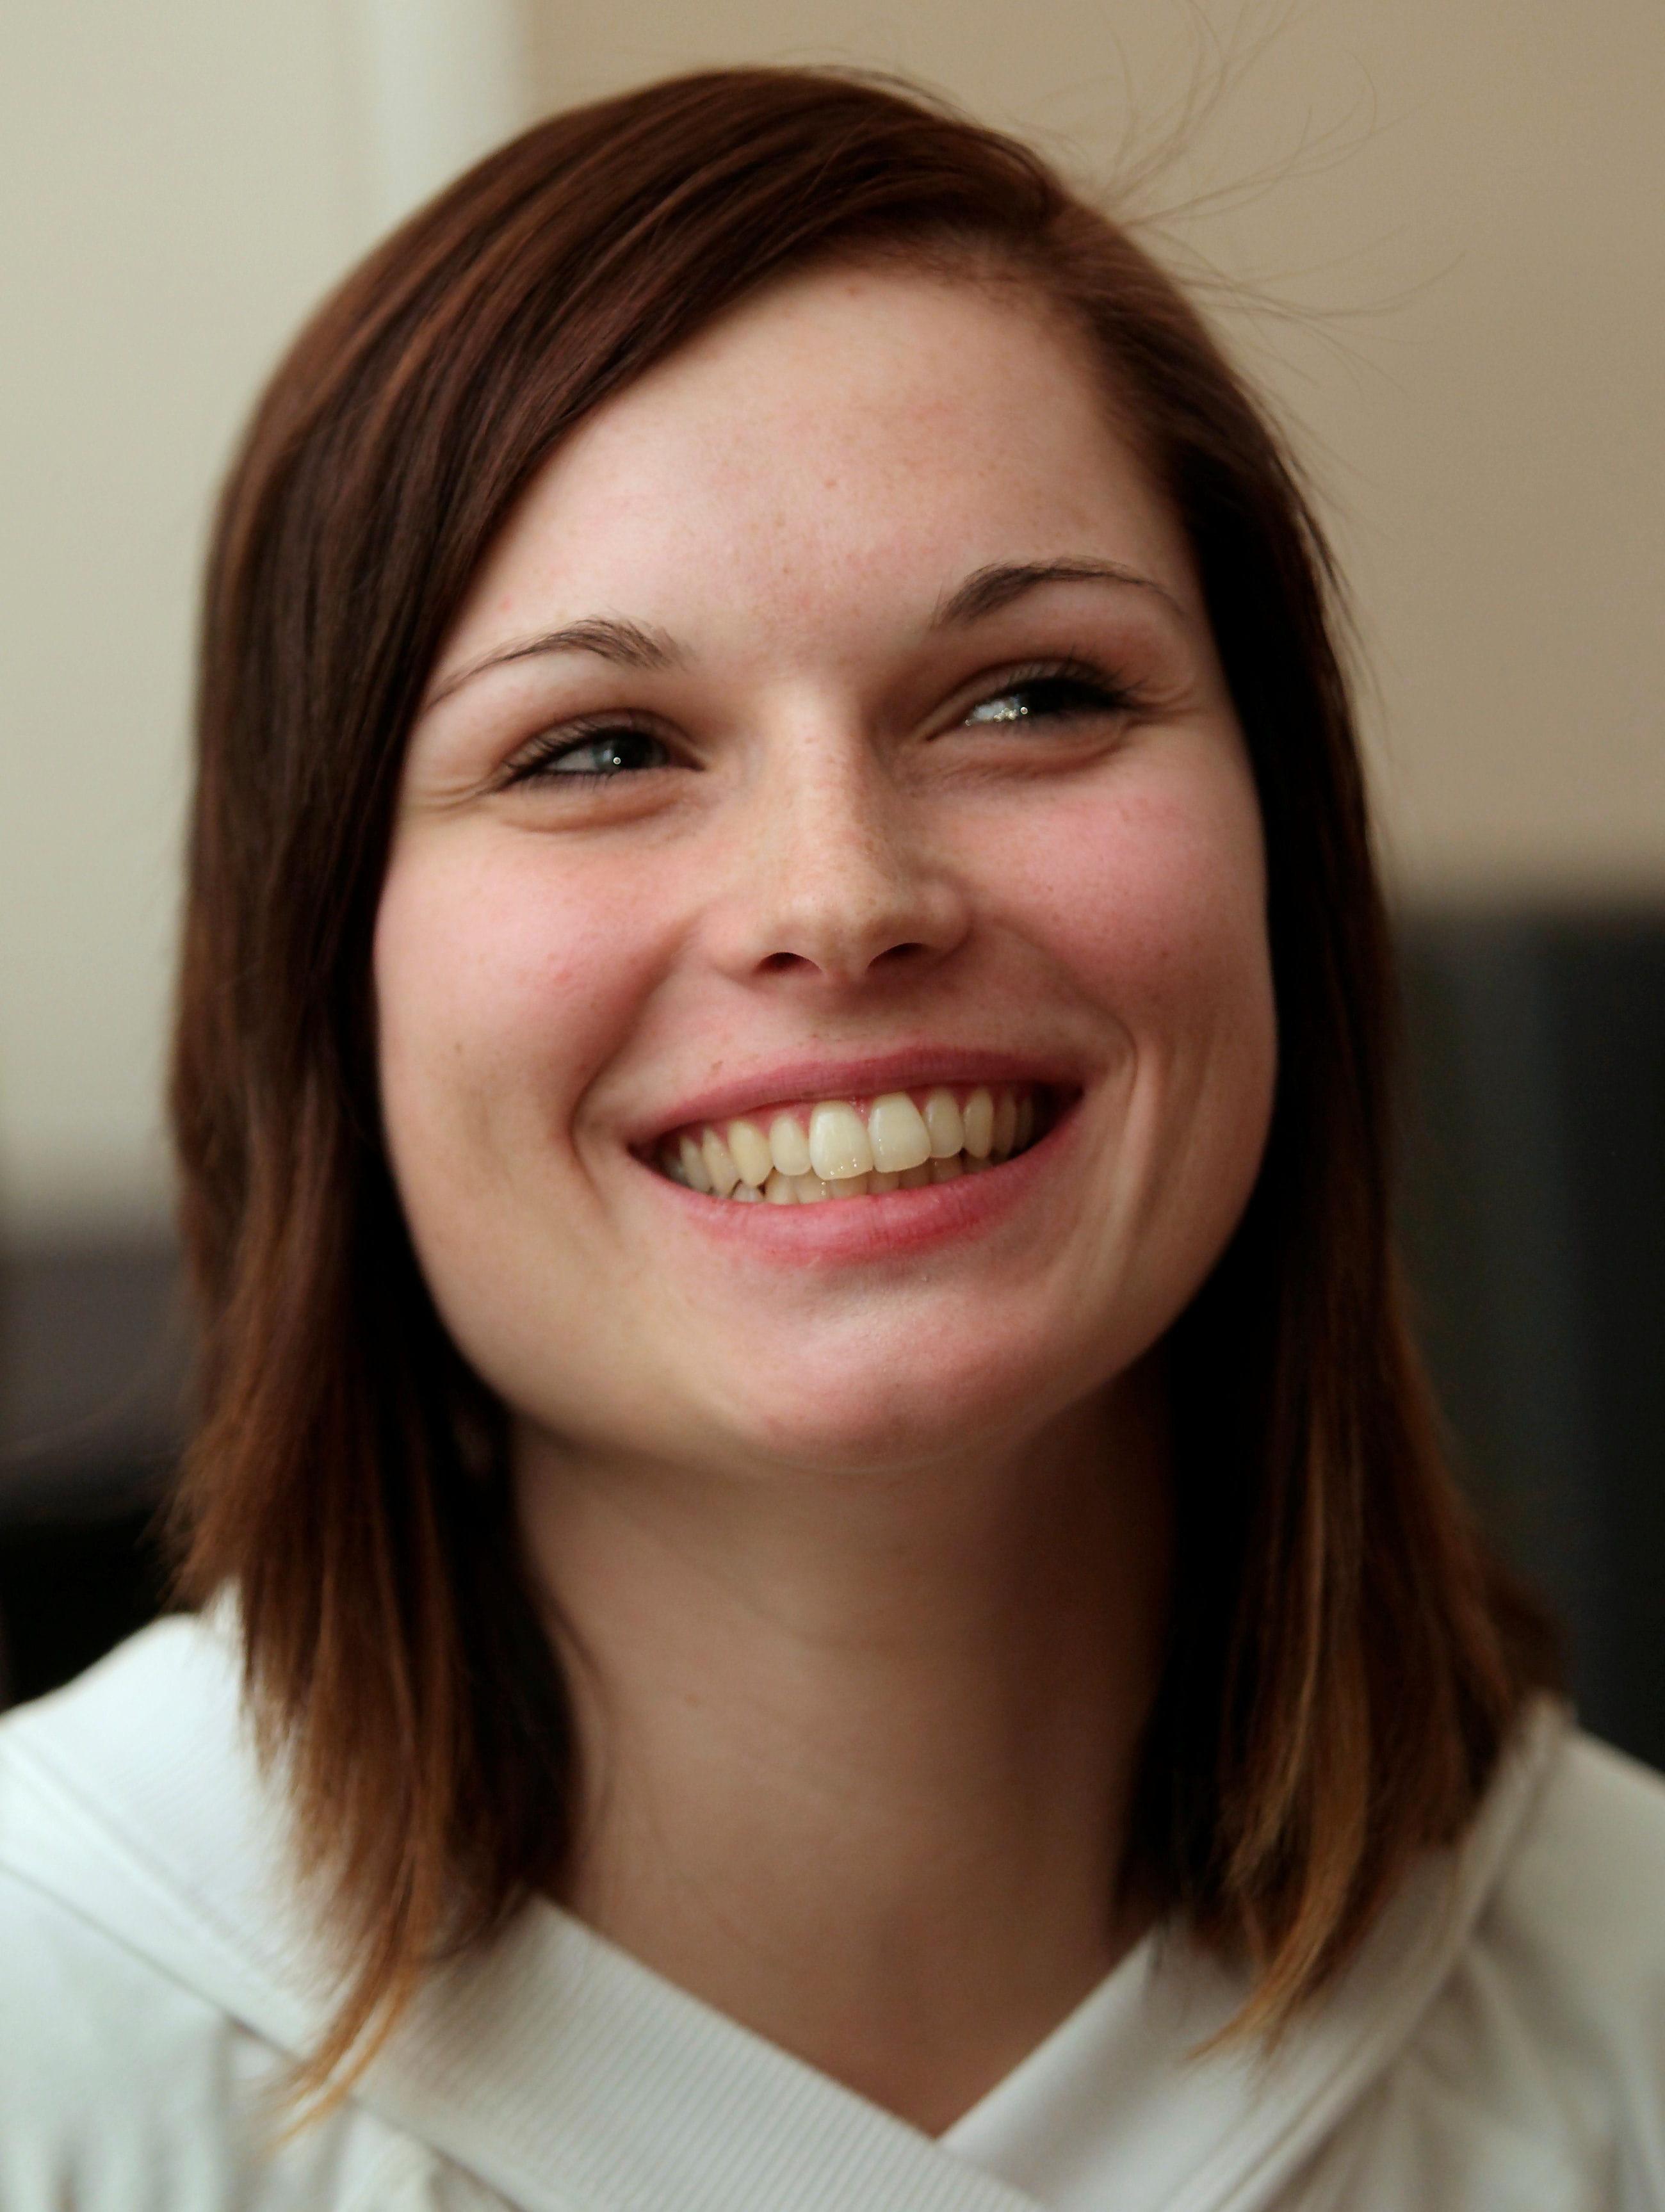 anna fenninger skirennläuferin zustimmen http www team williamhill chancen williamhill frankreich ulm de ...